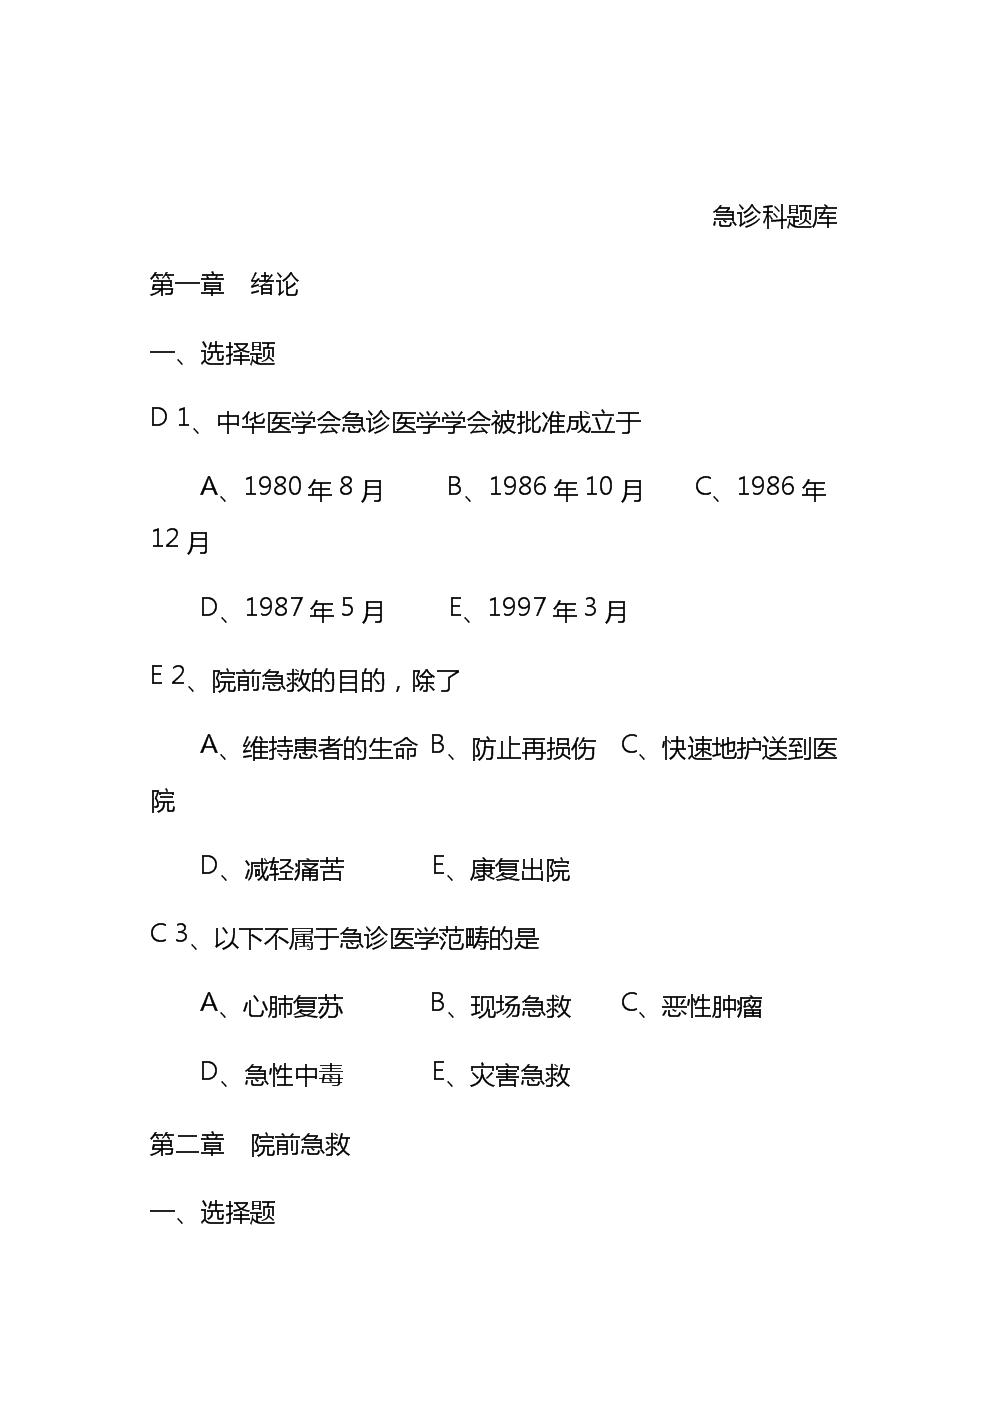 完整版急诊题库.doc